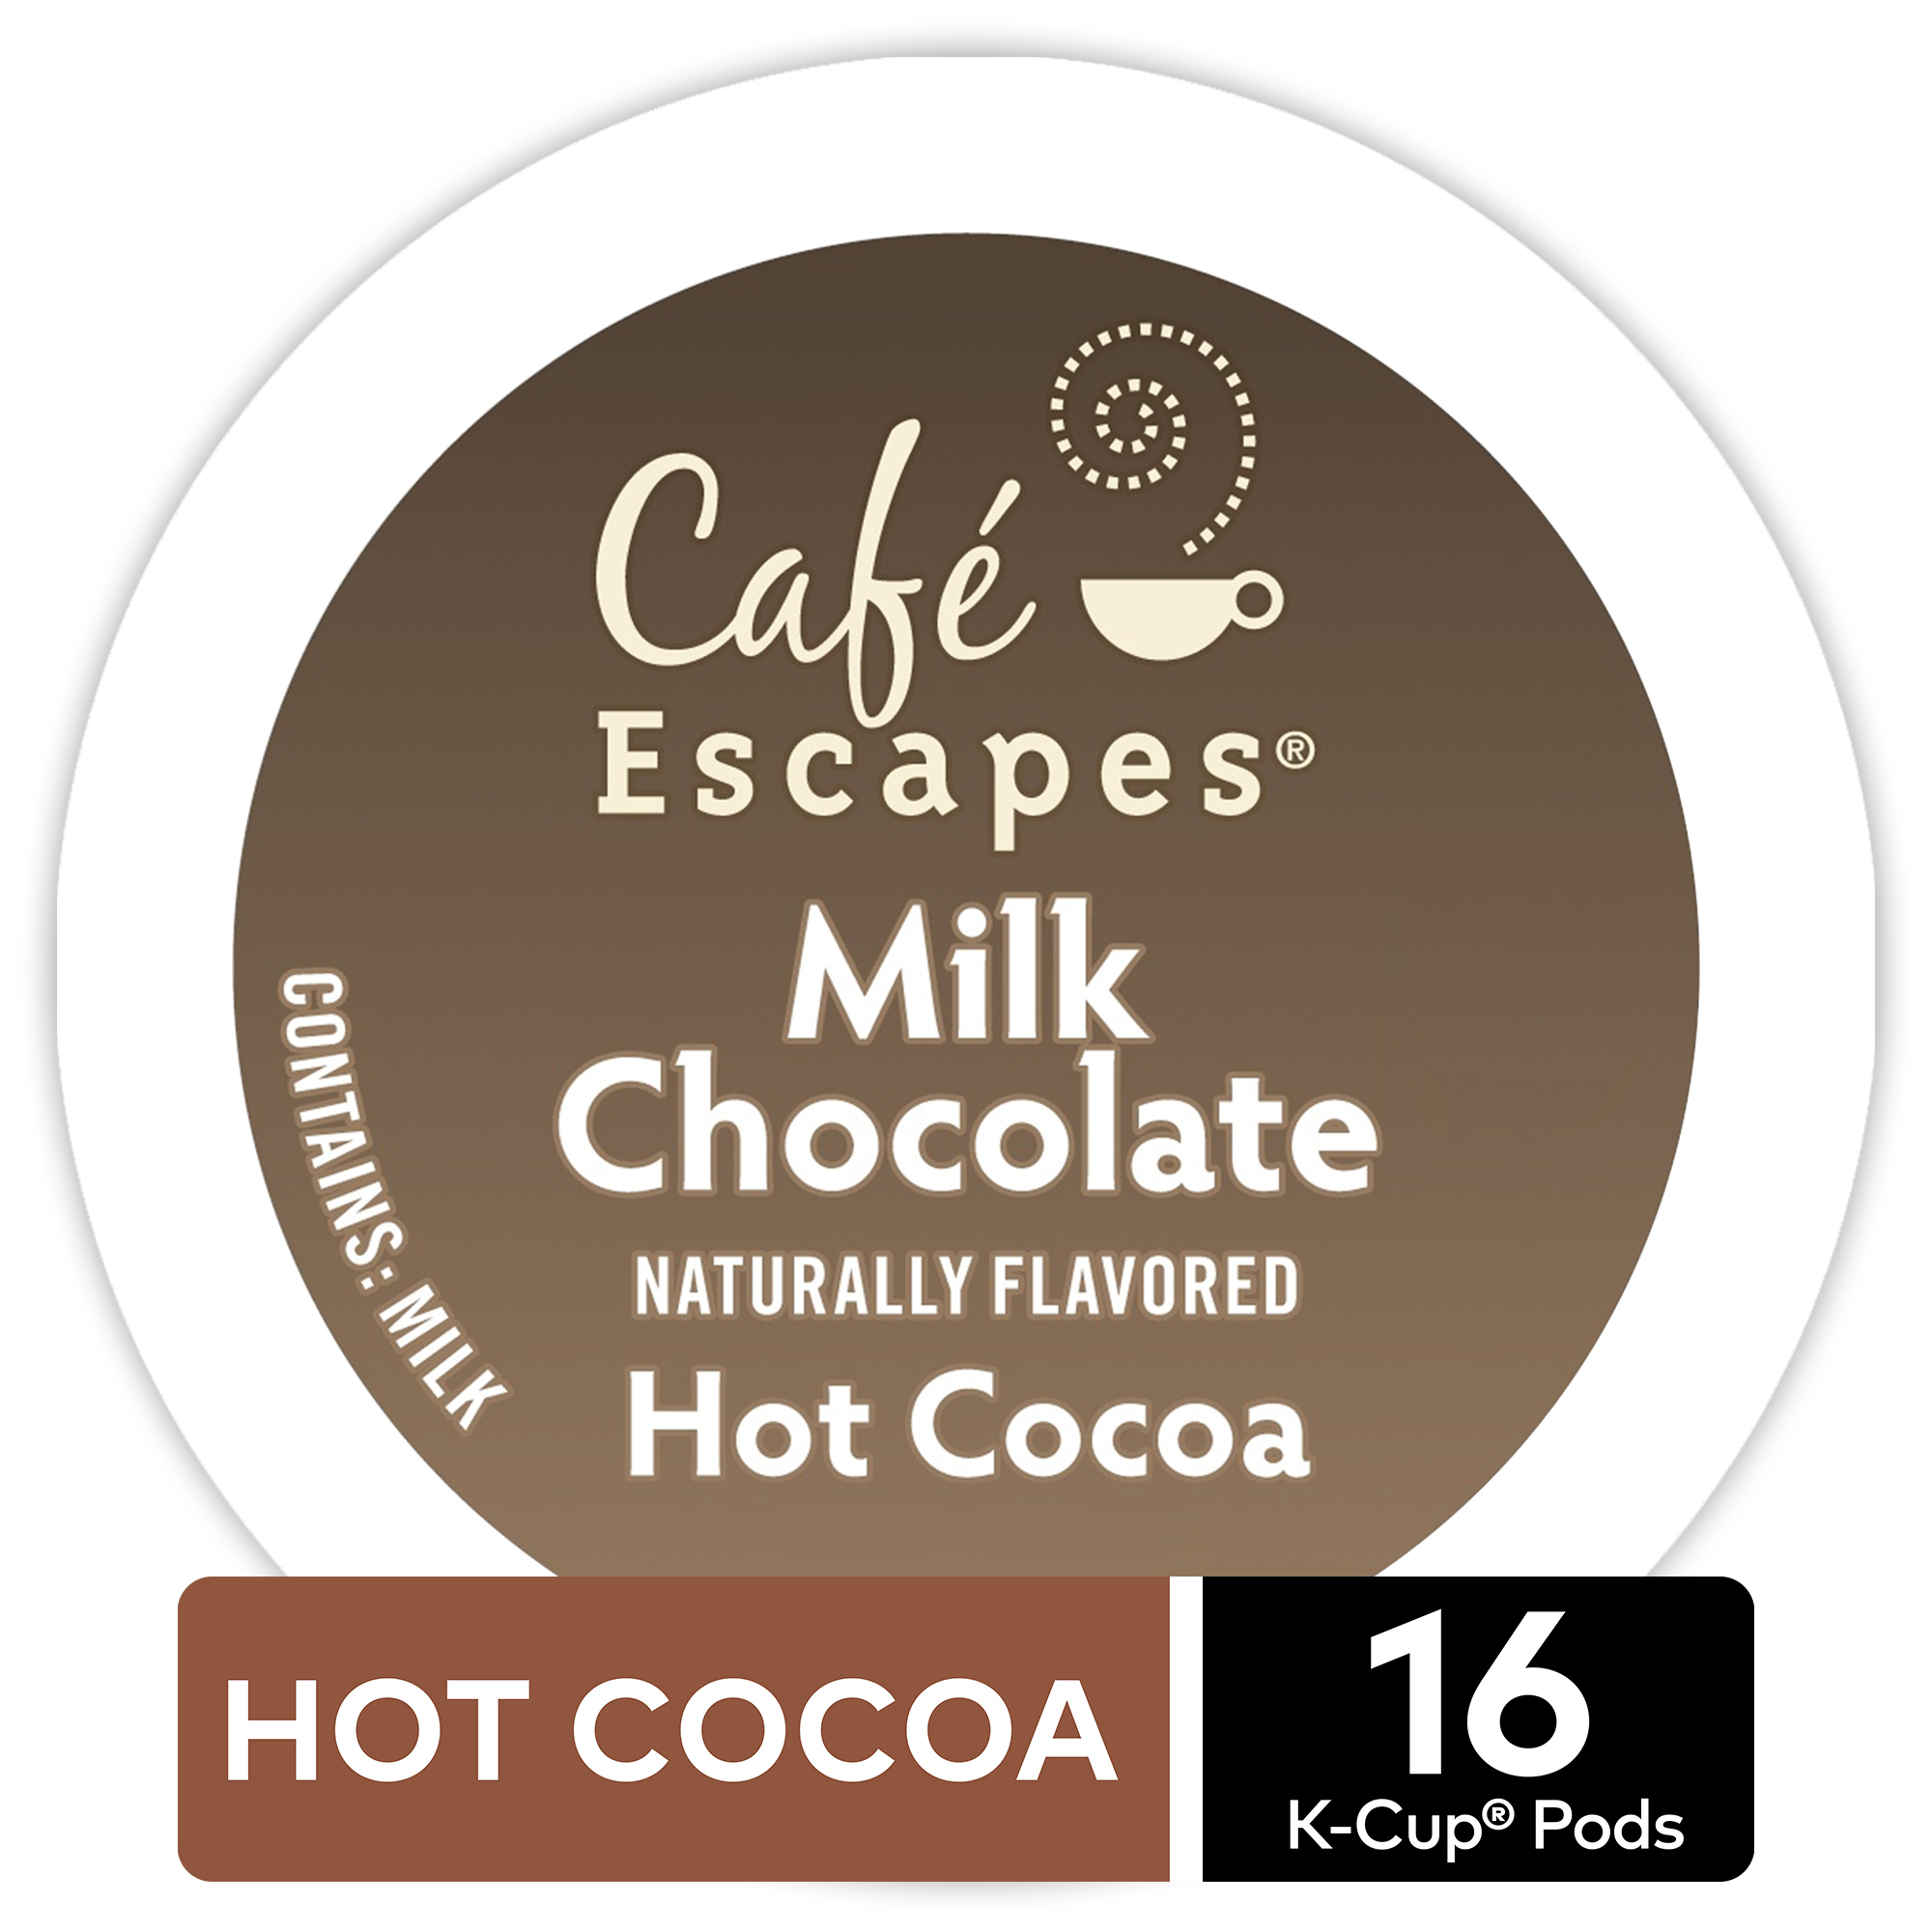 Café Escapes Milk Chocolate Hot Cocoa, Keurig K-Cup Pods, Specialty Beverage, 16 Count